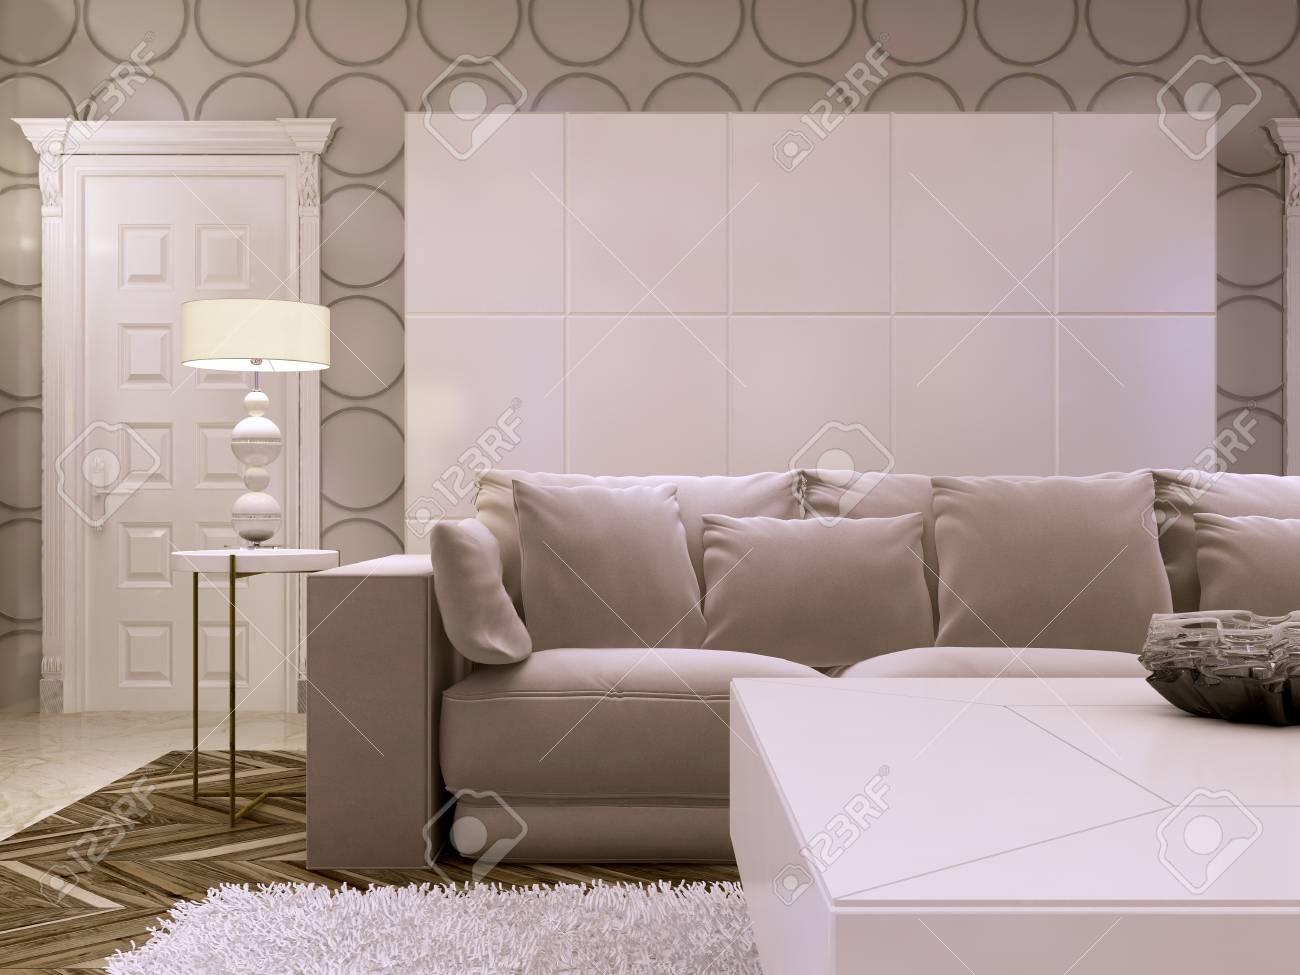 Großes Design Weißes Schrank Im Modernen Wohnzimmer . Sofa Mit ...